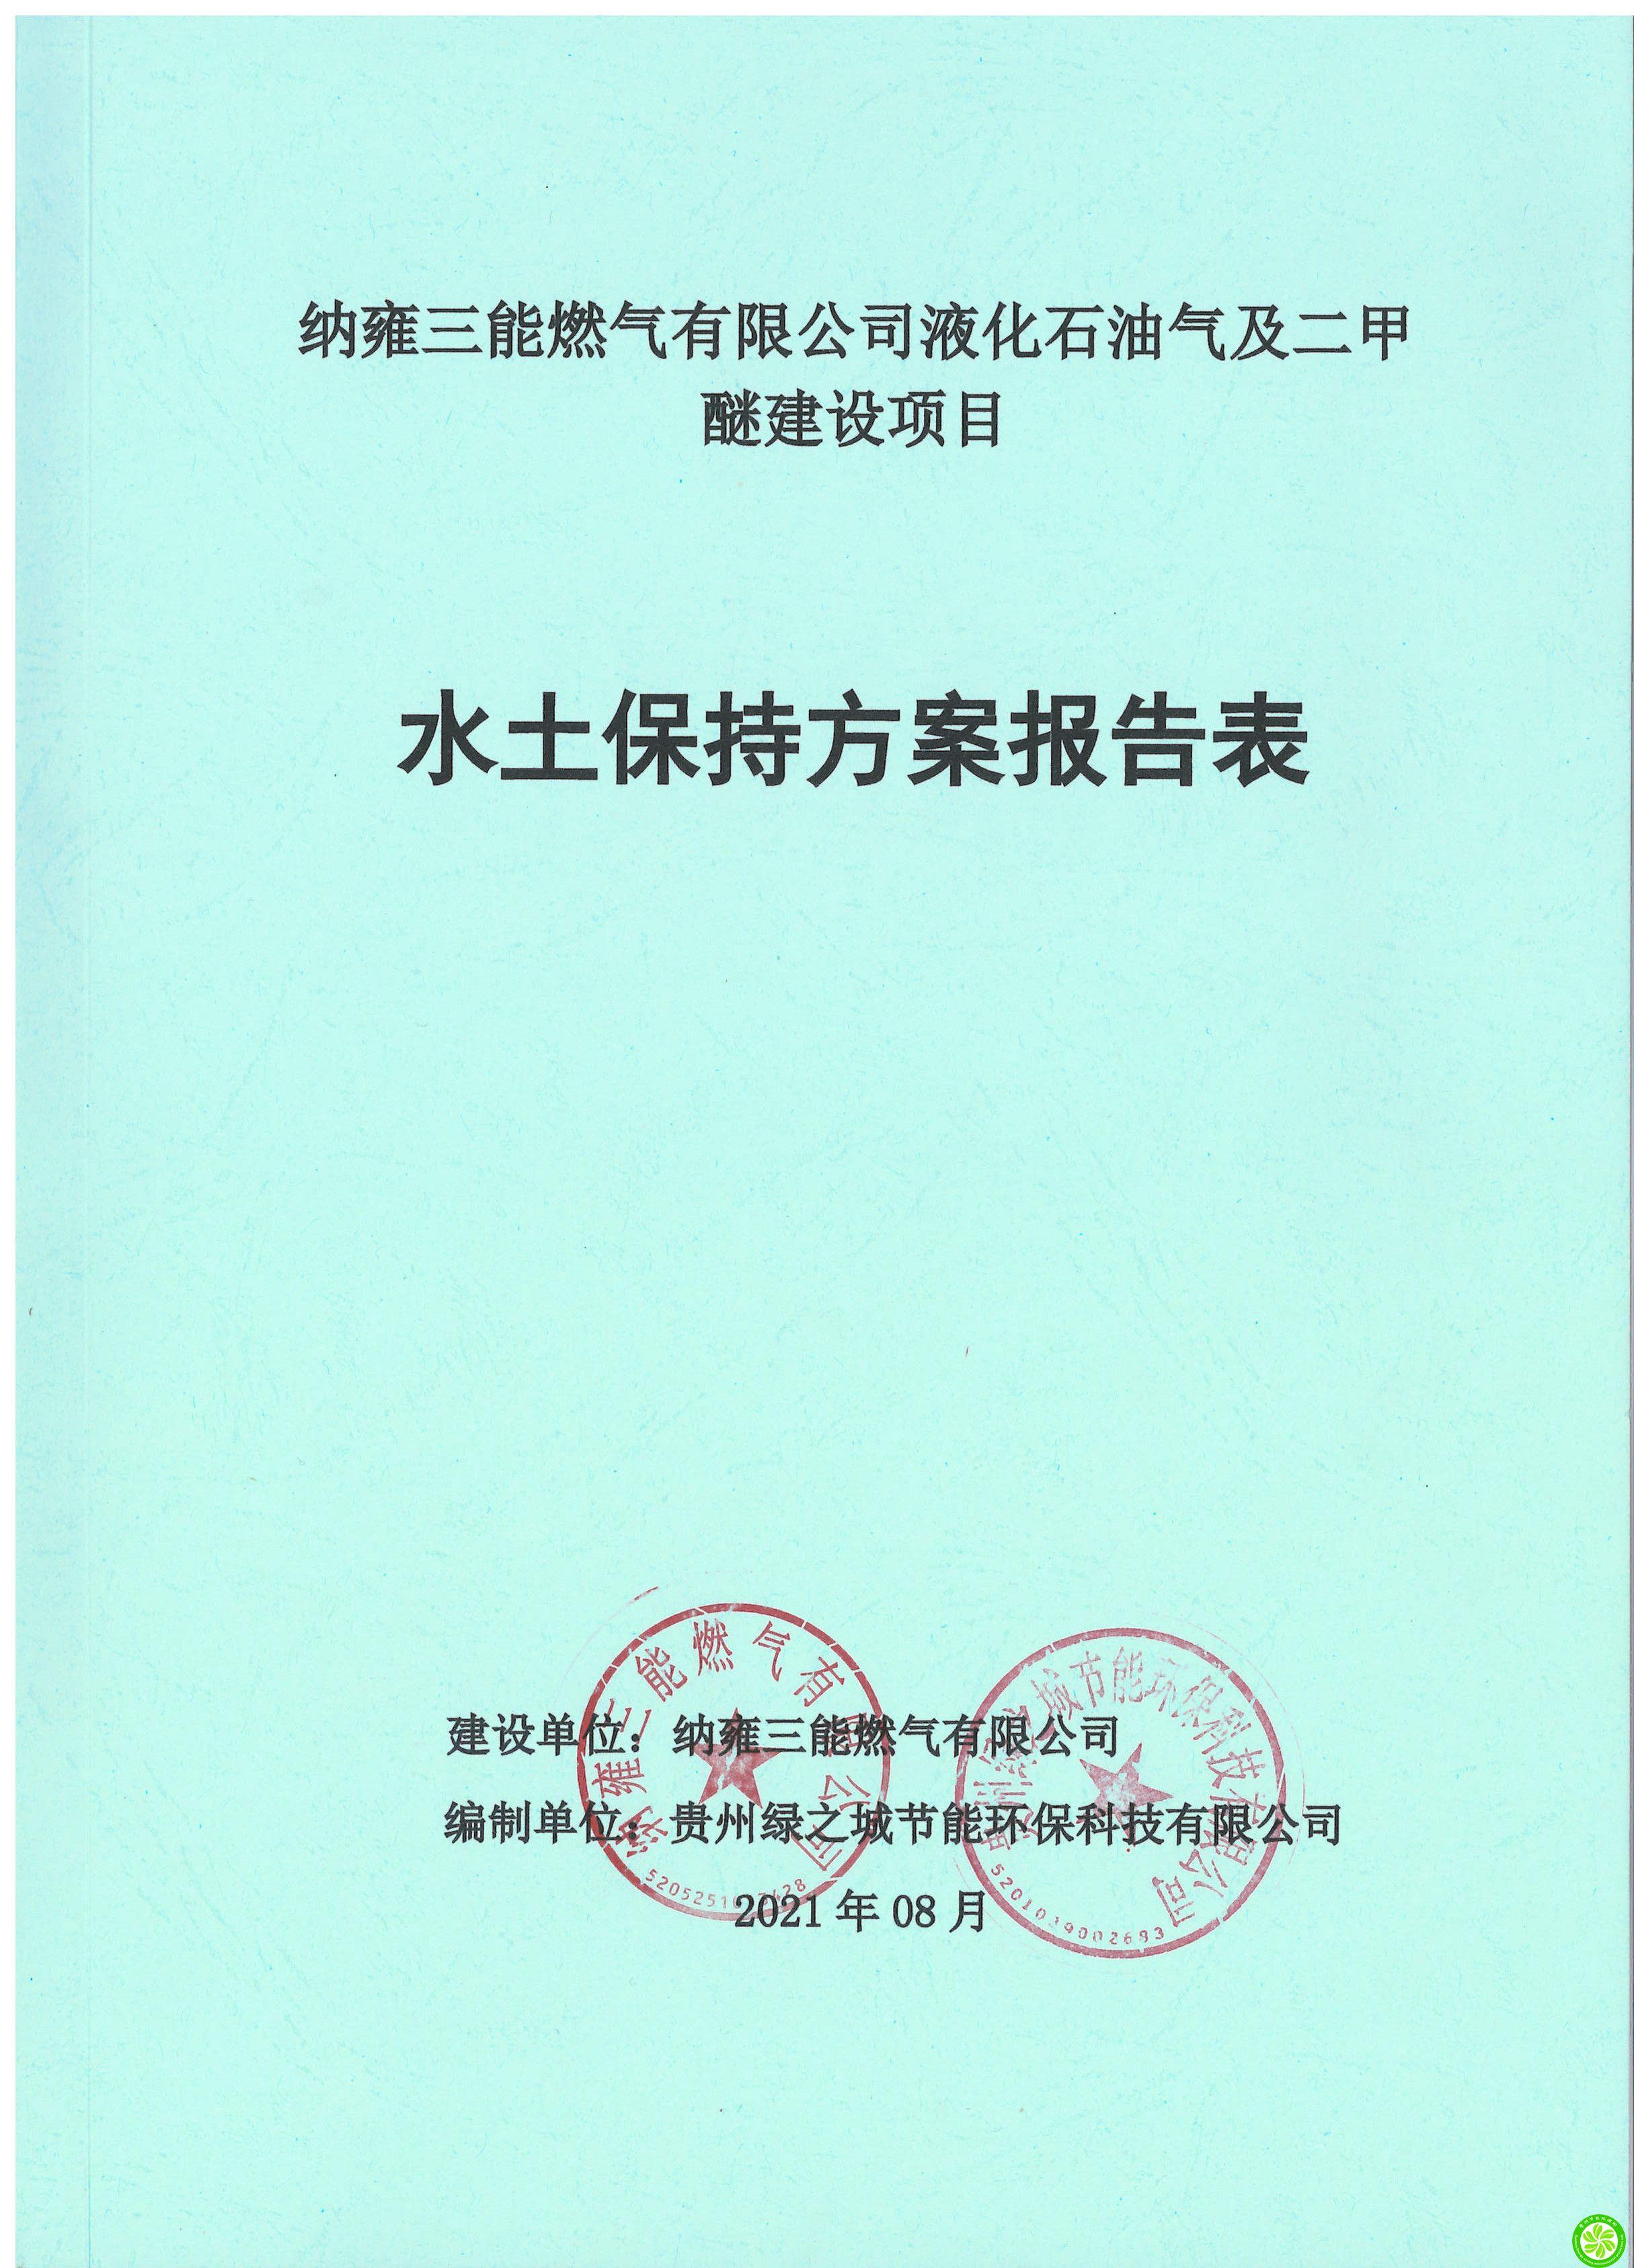 纳雍三能燃气有限公司液化石油气及二甲醚建设项目水土保持方案报告表